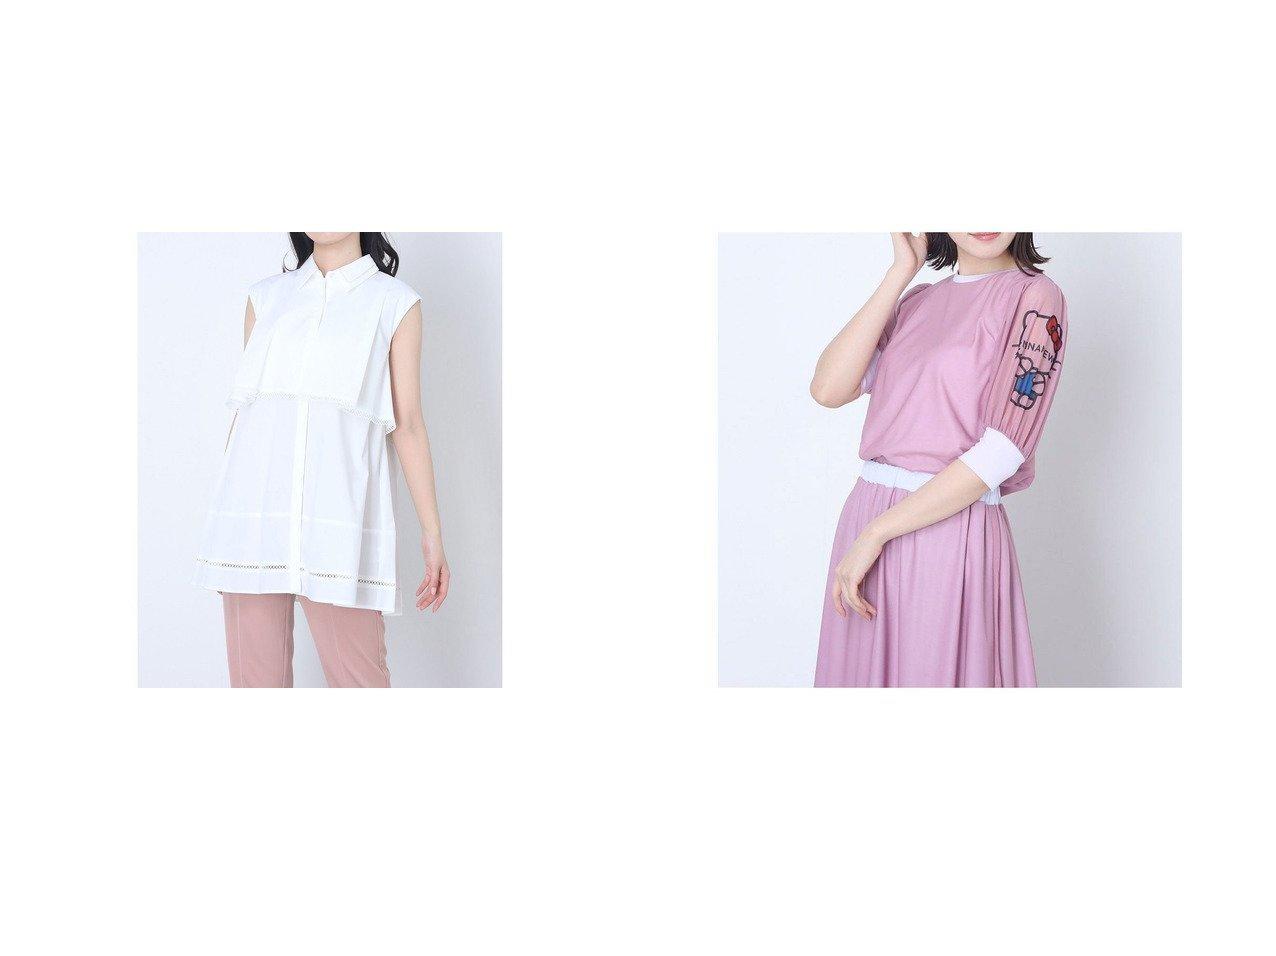 【nina mew/ニーナミュウ】のHello Kitty二重スカート&【JUSGLITTY/ジャスグリッティー】のレースはさみシャツ衿ブラウス おすすめ!人気、トレンド・レディースファッションの通販 おすすめで人気の流行・トレンド、ファッションの通販商品 インテリア・家具・メンズファッション・キッズファッション・レディースファッション・服の通販 founy(ファニー) https://founy.com/ ファッション Fashion レディースファッション WOMEN トップス・カットソー Tops/Tshirt シャツ/ブラウス Shirts/Blouses スカート Skirt 2021年 2021 2021春夏・S/S SS/Spring/Summer/2021 S/S・春夏 SS・Spring/Summer エレガント フェミニン レース 春 Spring |ID:crp329100000042311